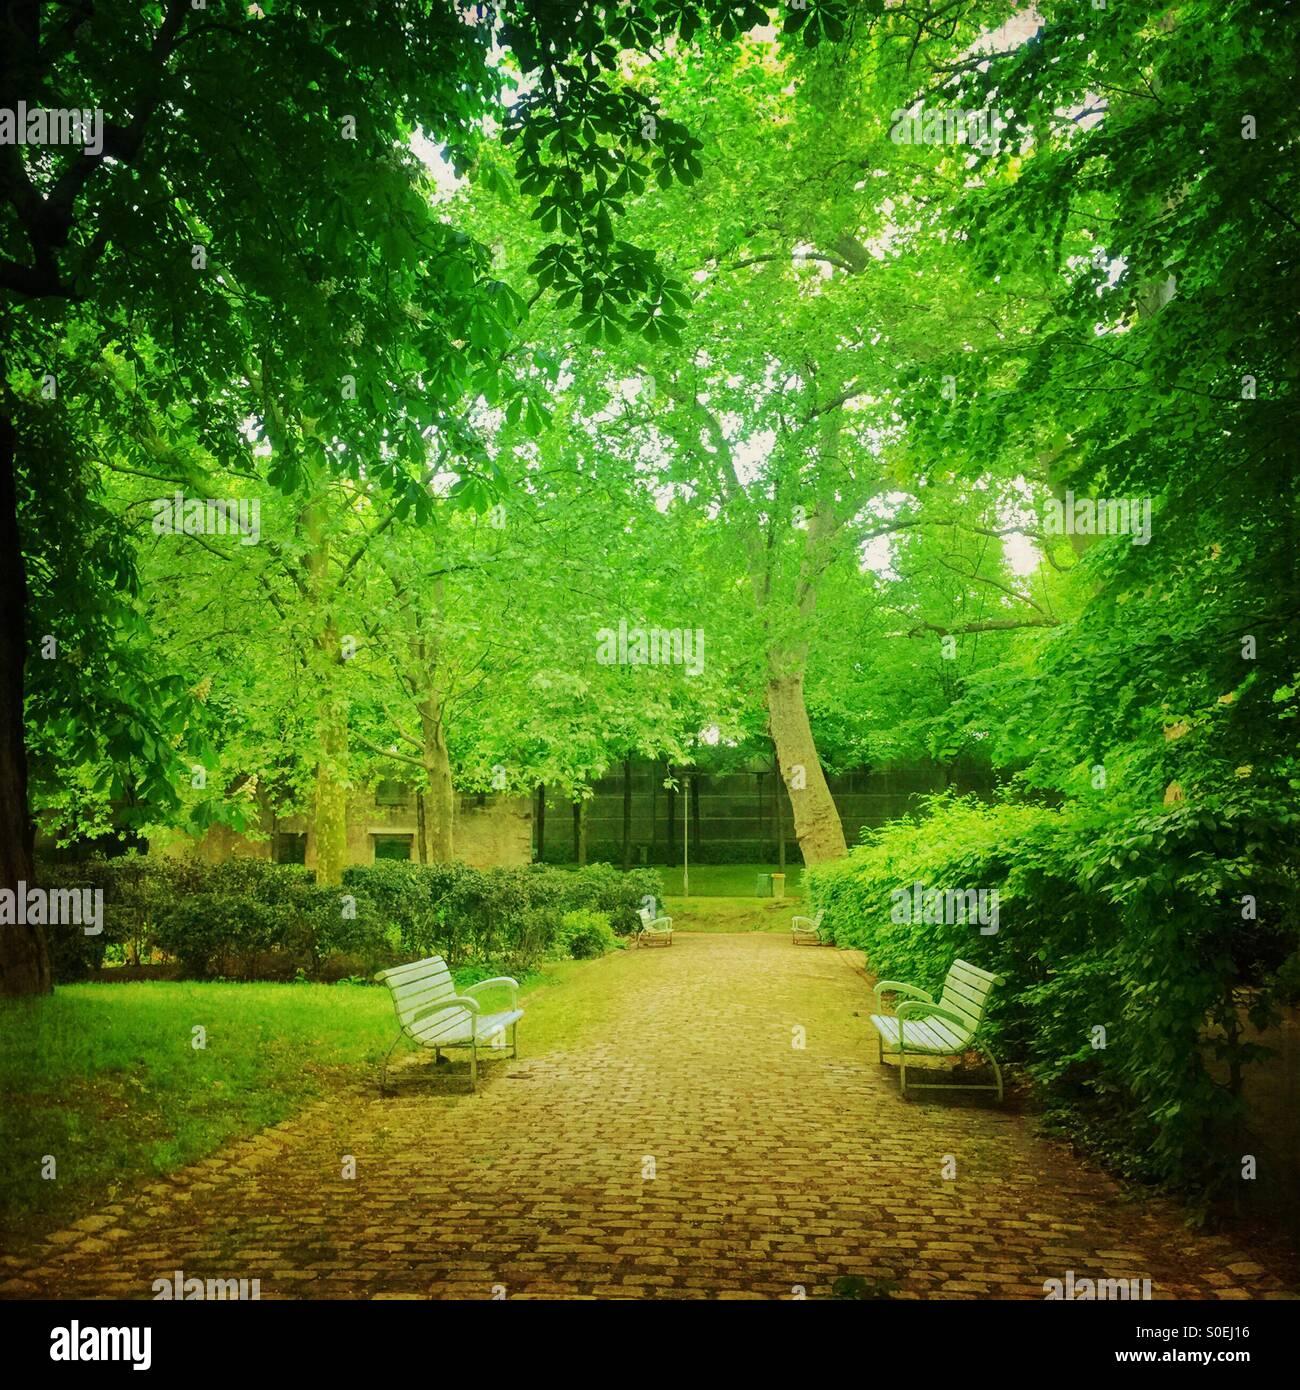 Grünen grünen Parc de Bercy mit Steinpflaster, Bänke, Bäume und frische Frühling Laub in Paris, Frankreich. Vintage Textur-Overlay. Stockfoto